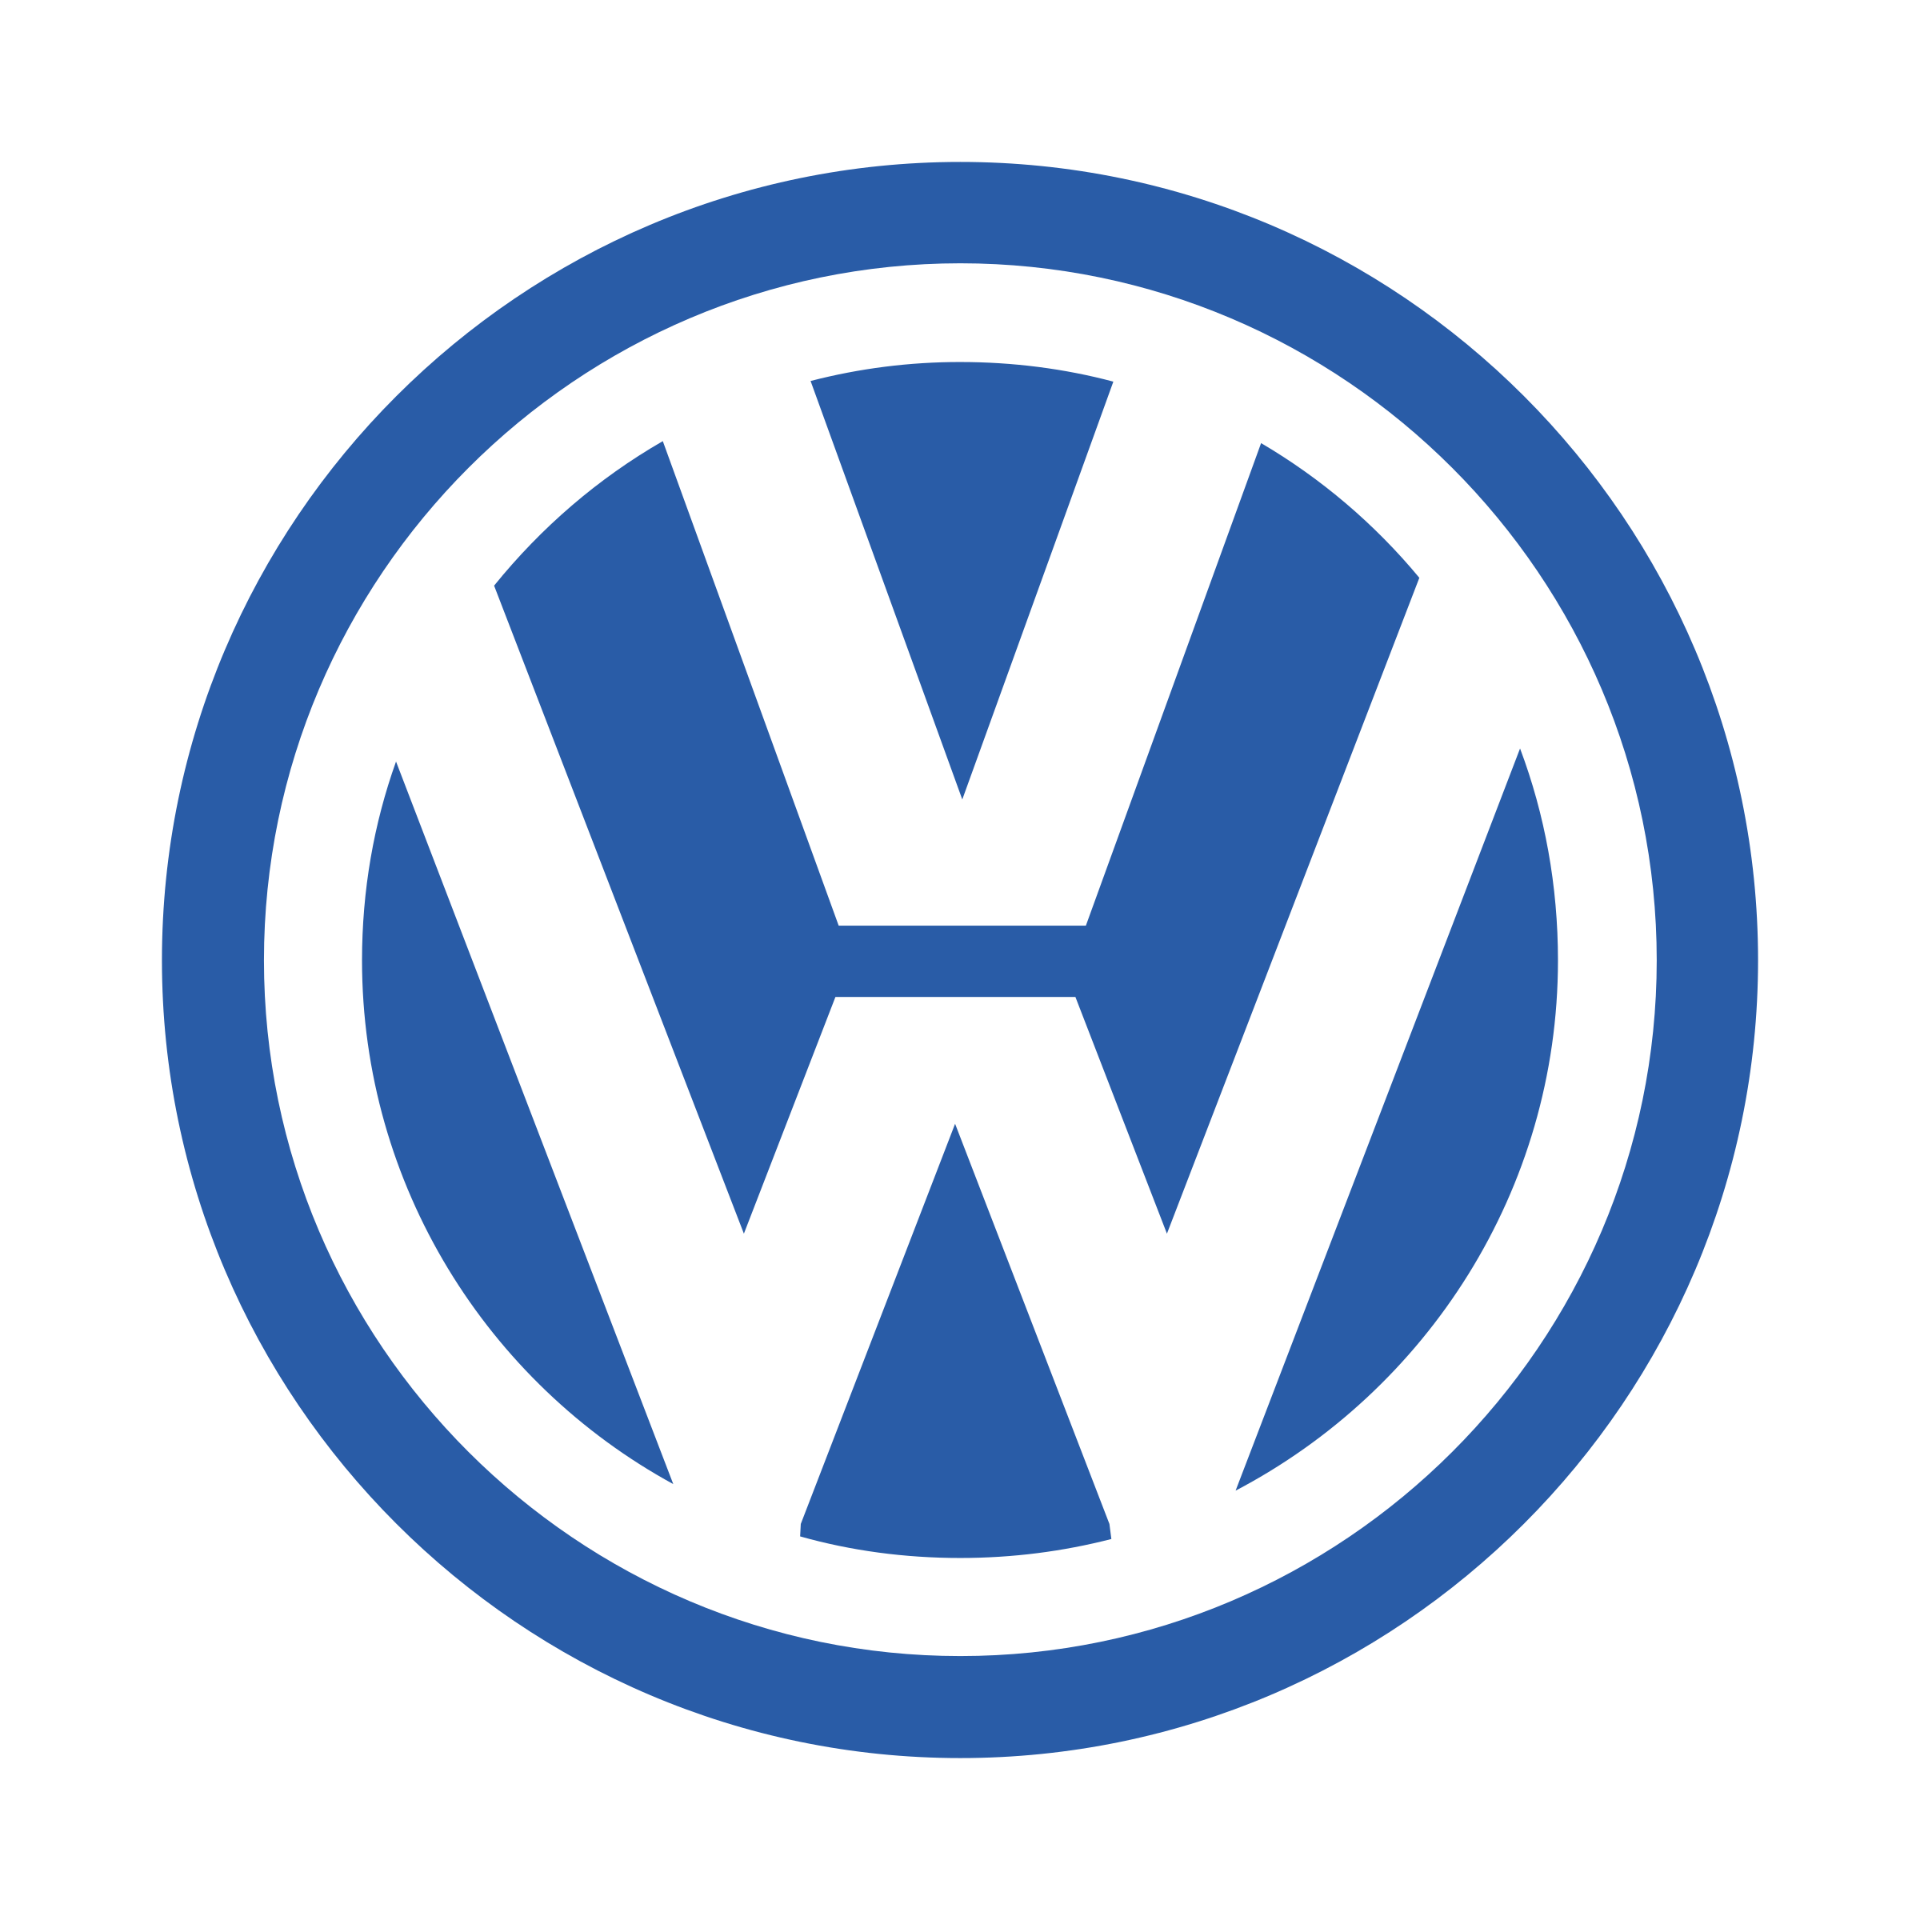 Hauswagen - Concesionario Oficial Volkswagen - Pilar | Escobar | Zárate